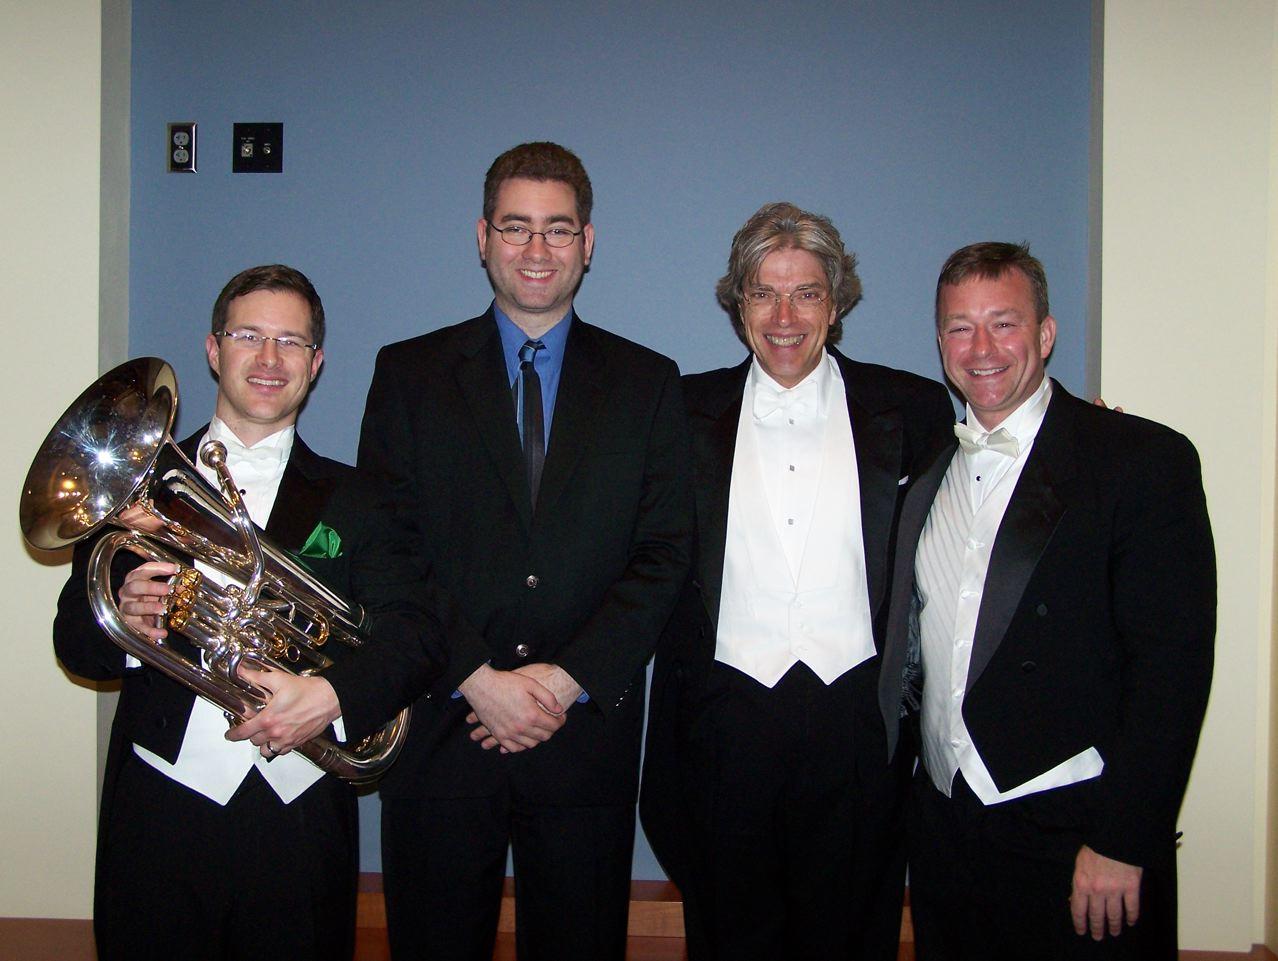 Adam Frey, Christopher Tucker, Jack Delaney, and Scott Stewart